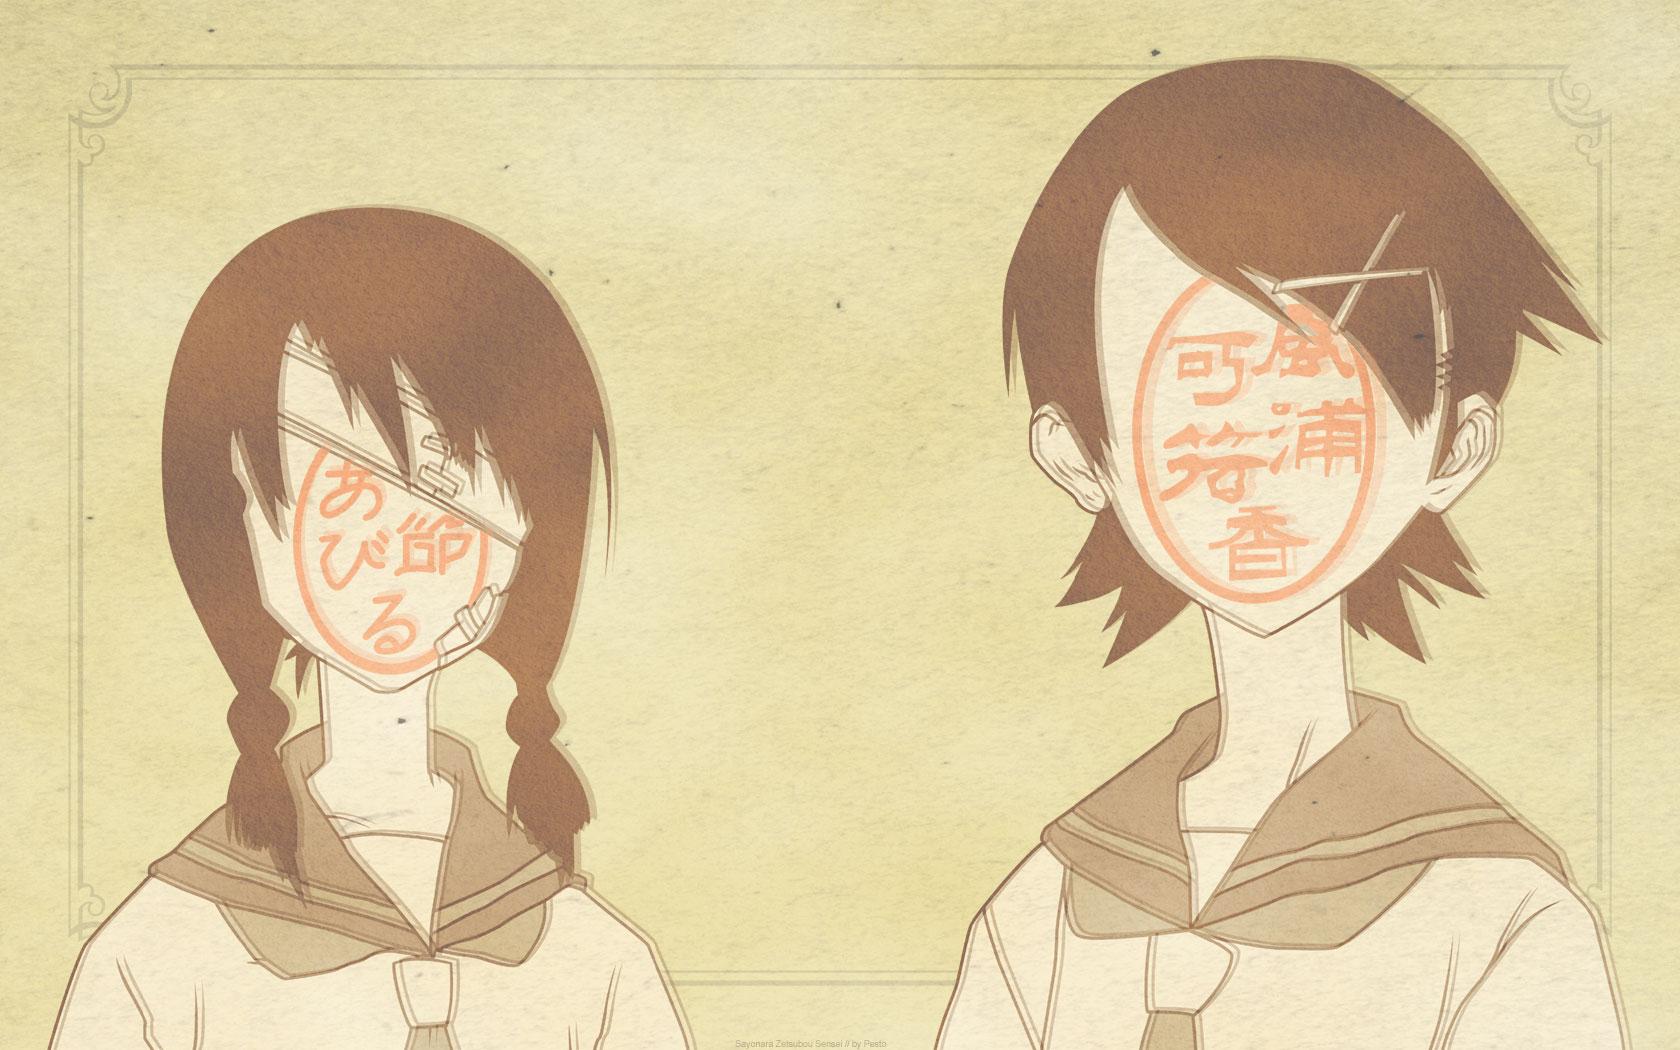 fuura_kafuka kobushi_abiru sayonara_zetsubou_sensei